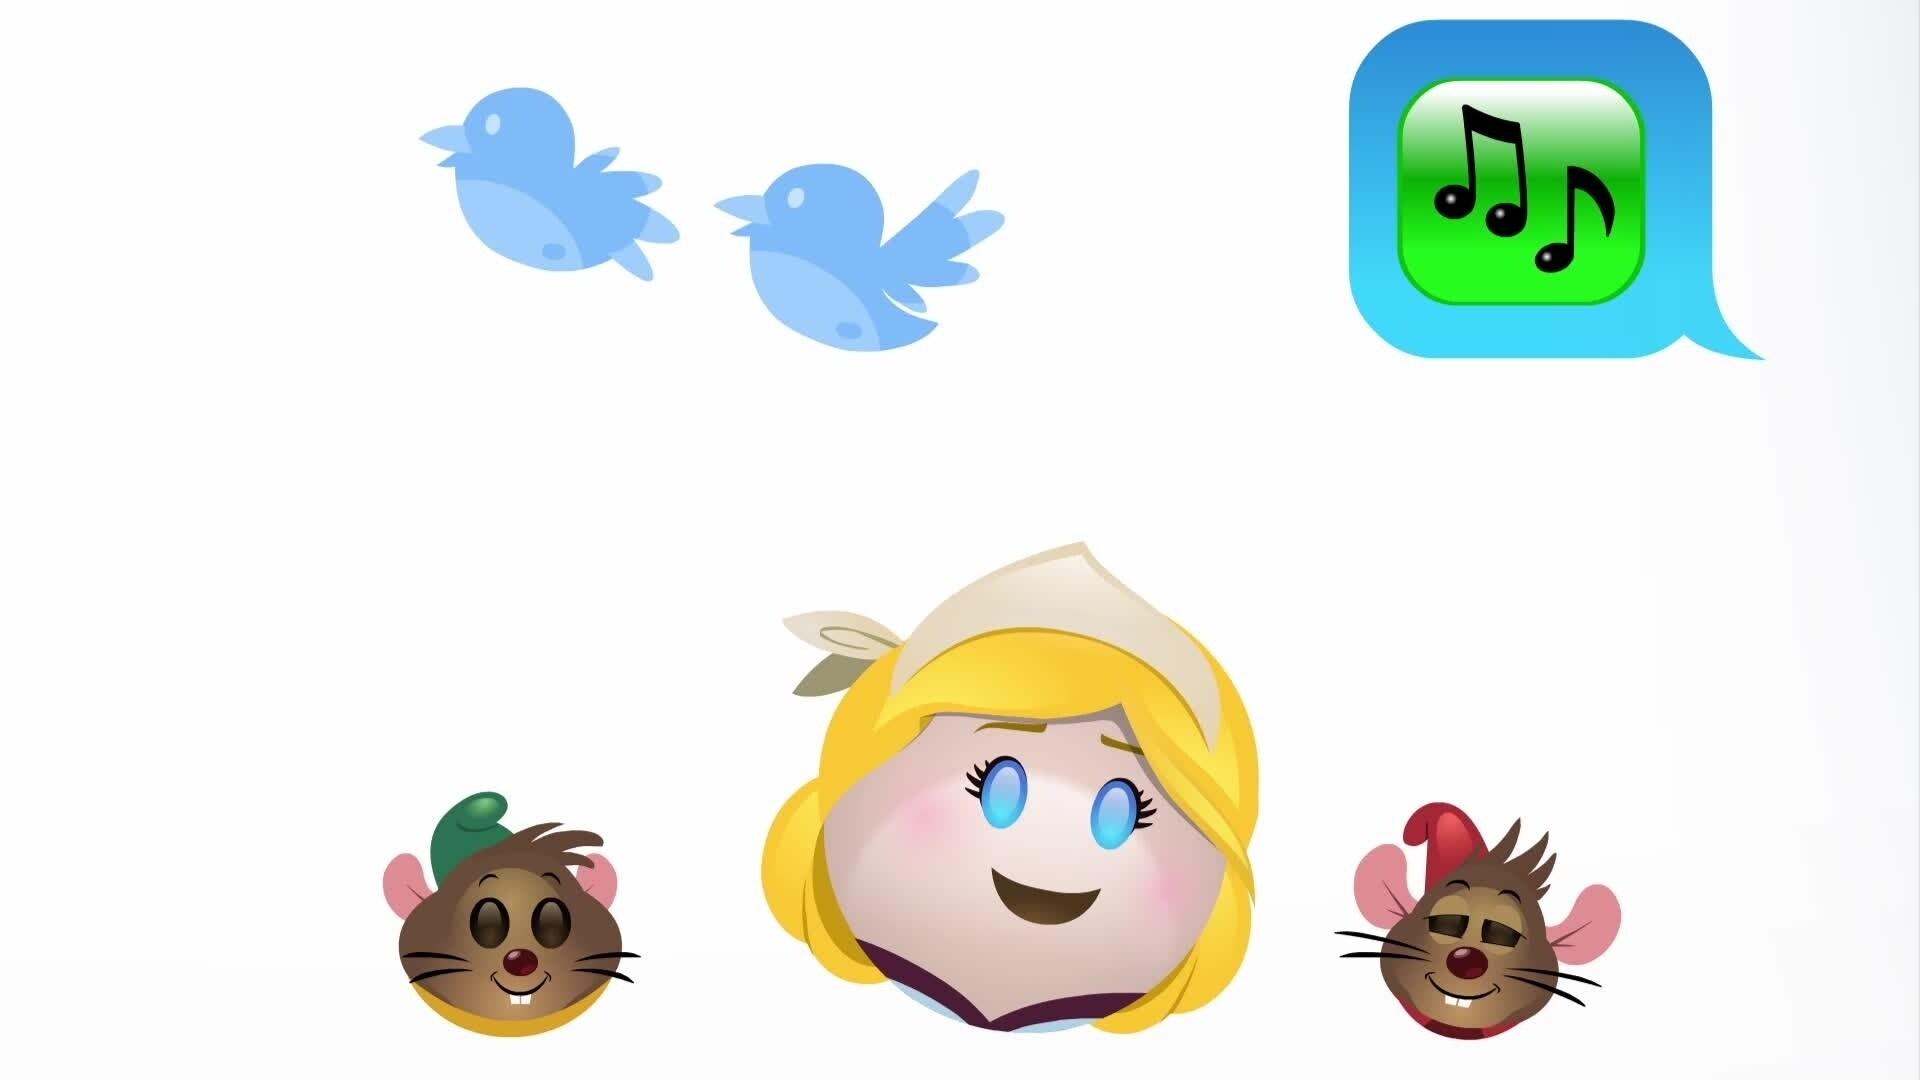 Hamupipőke - emojikkal elmesélve